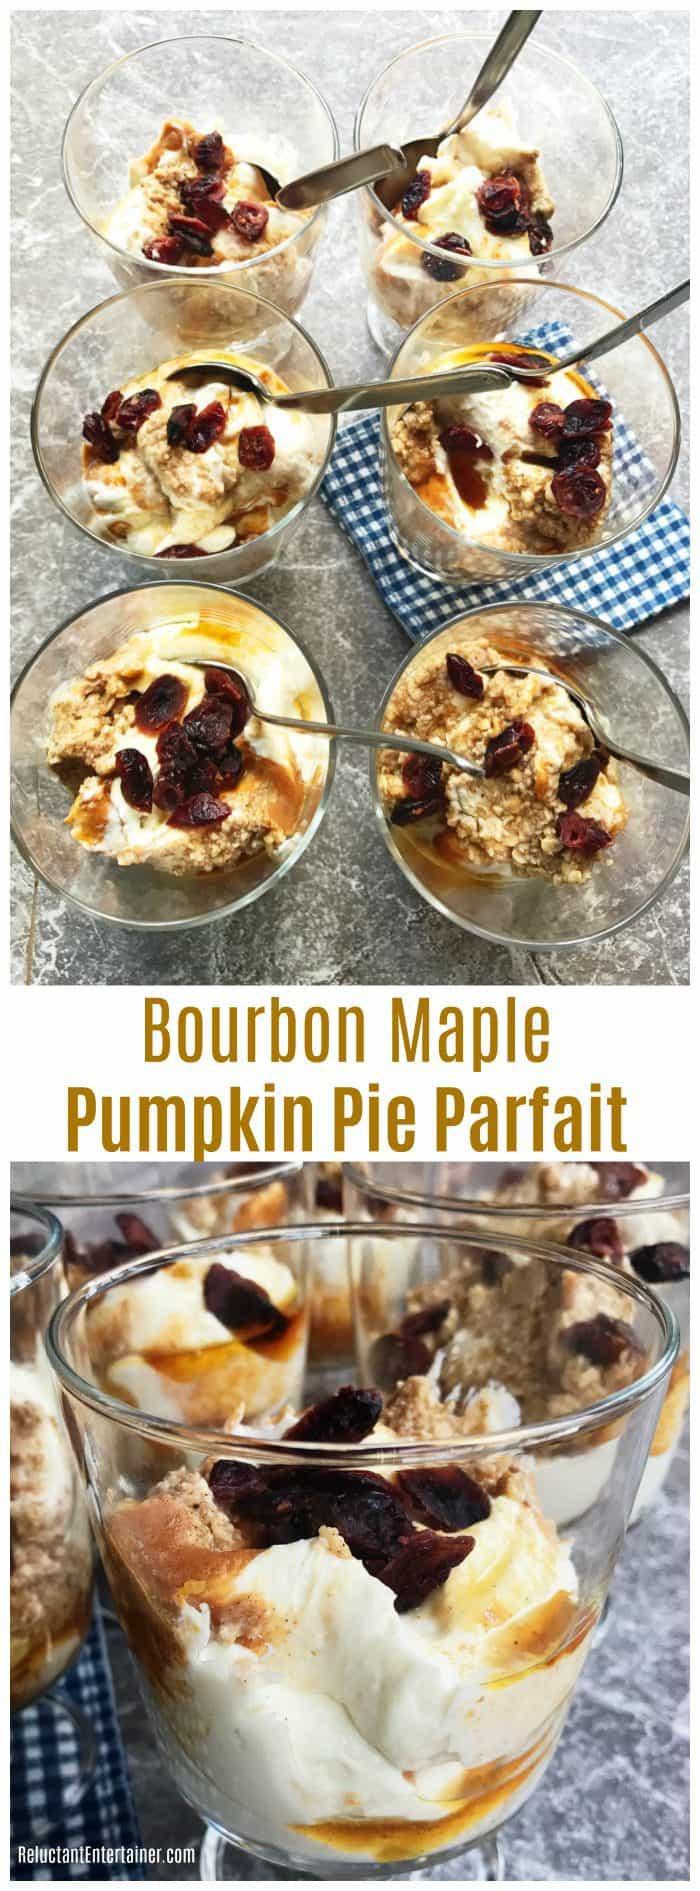 Bourbon Maple Pumpkin Pie Parfait